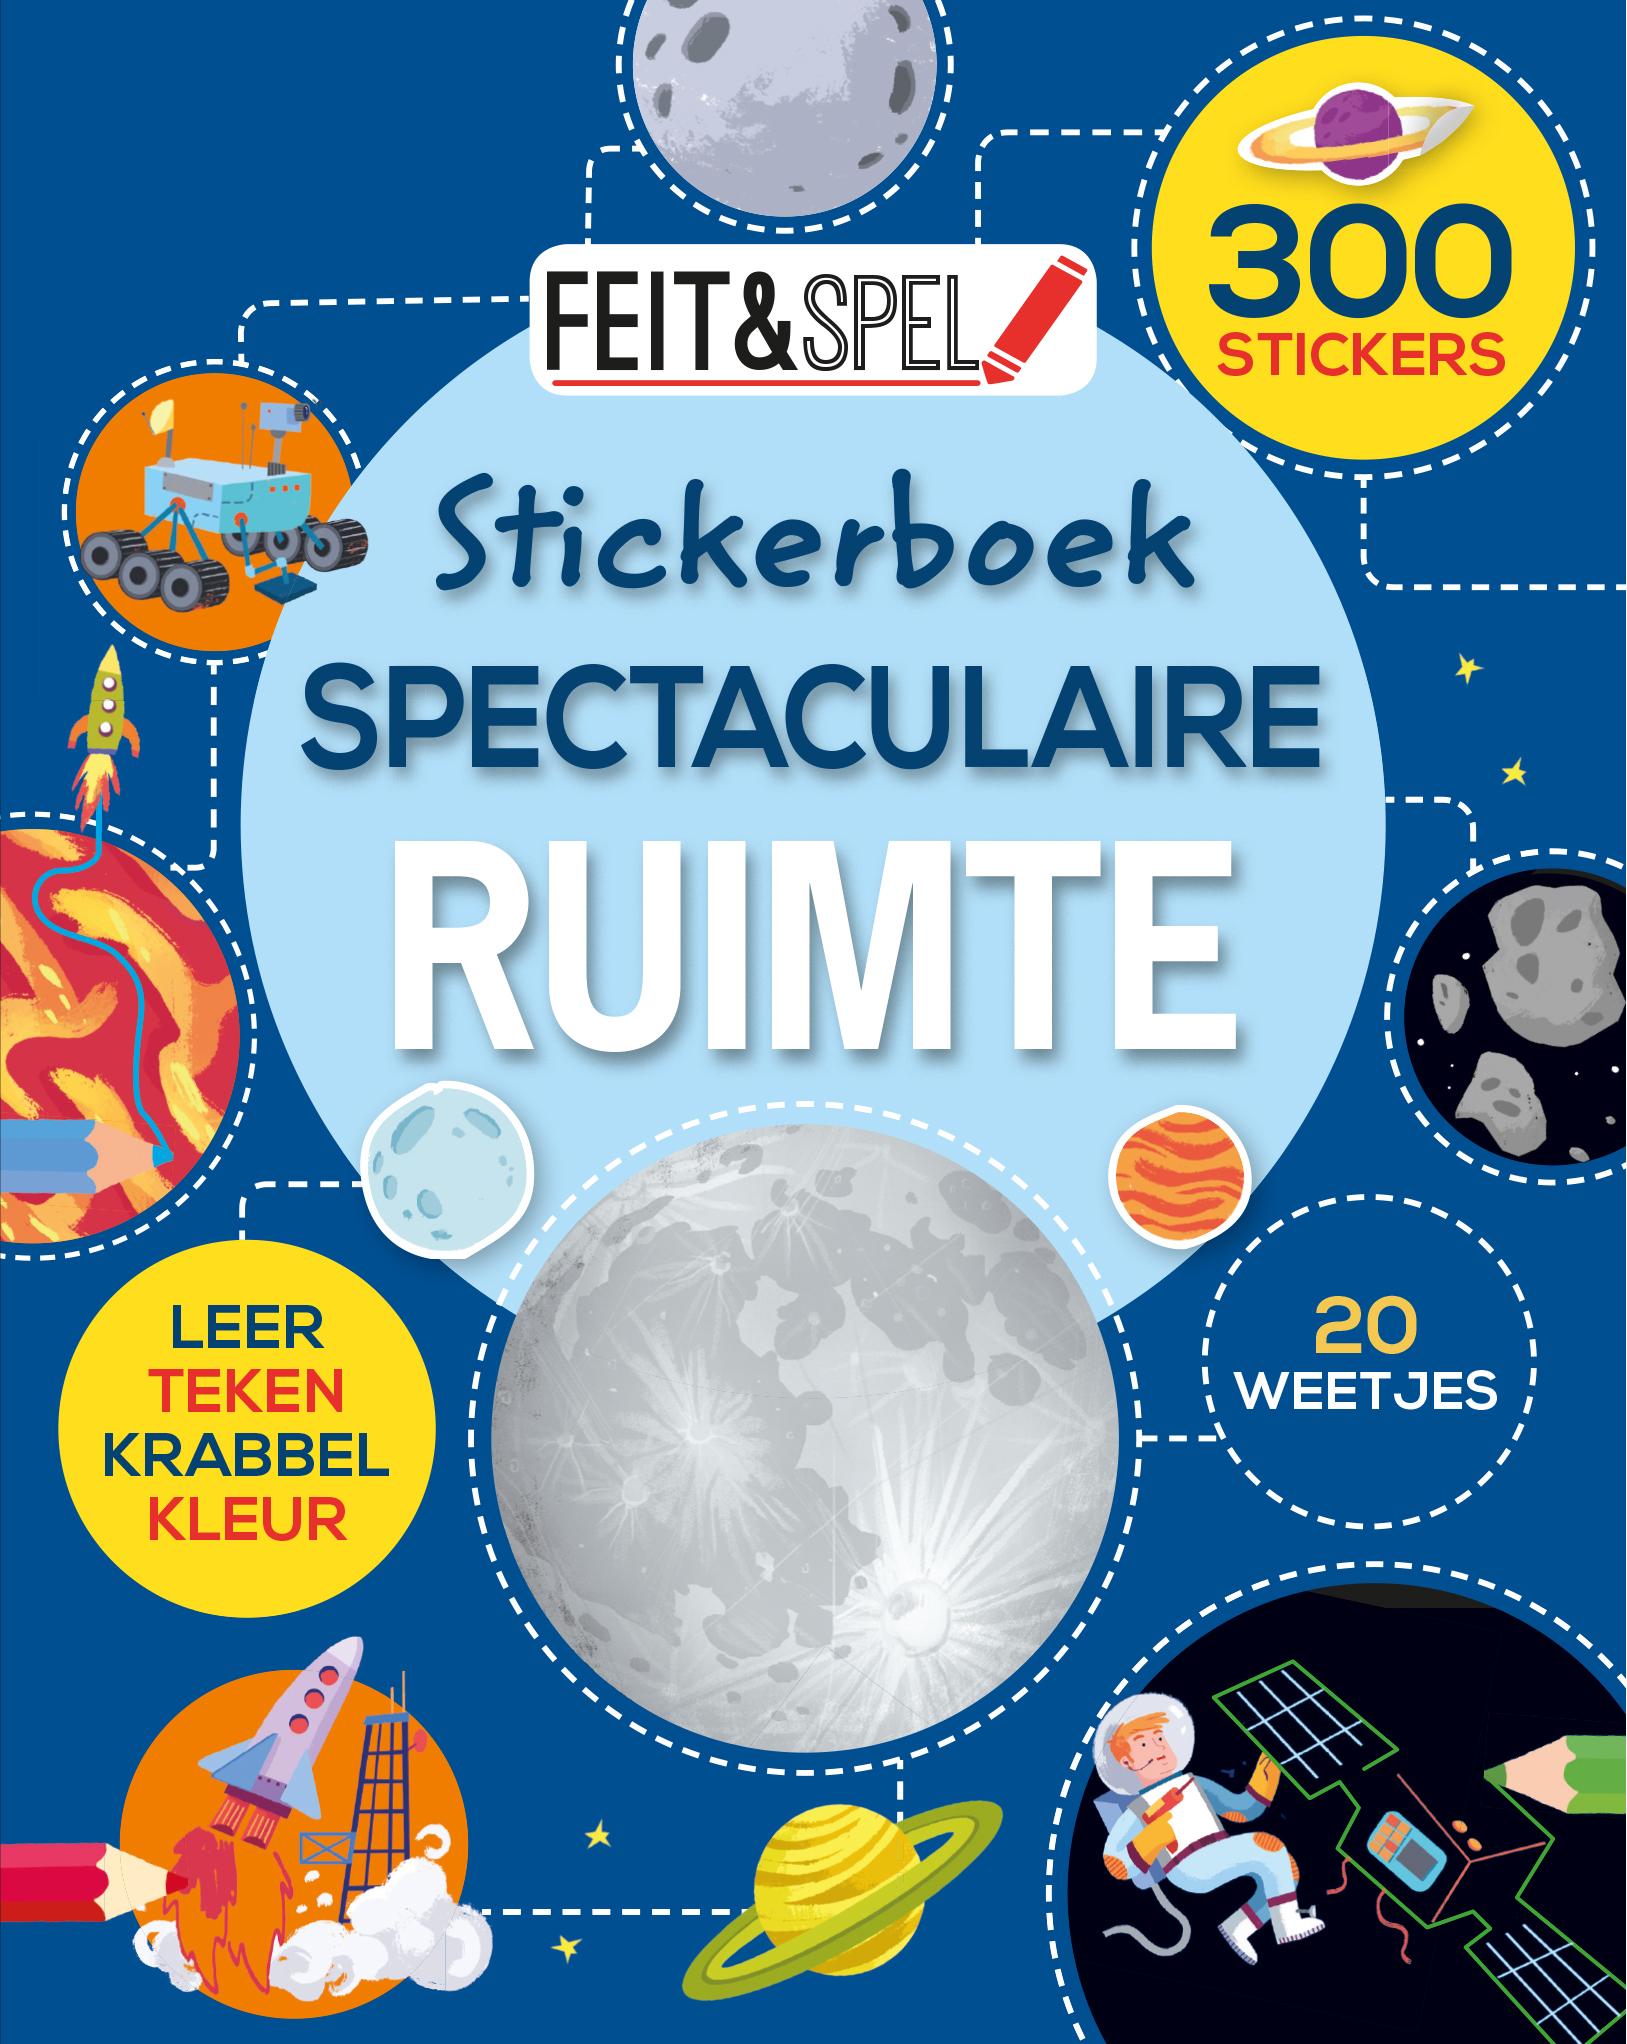 Feit & spel Stickerb. Spect.ruimte